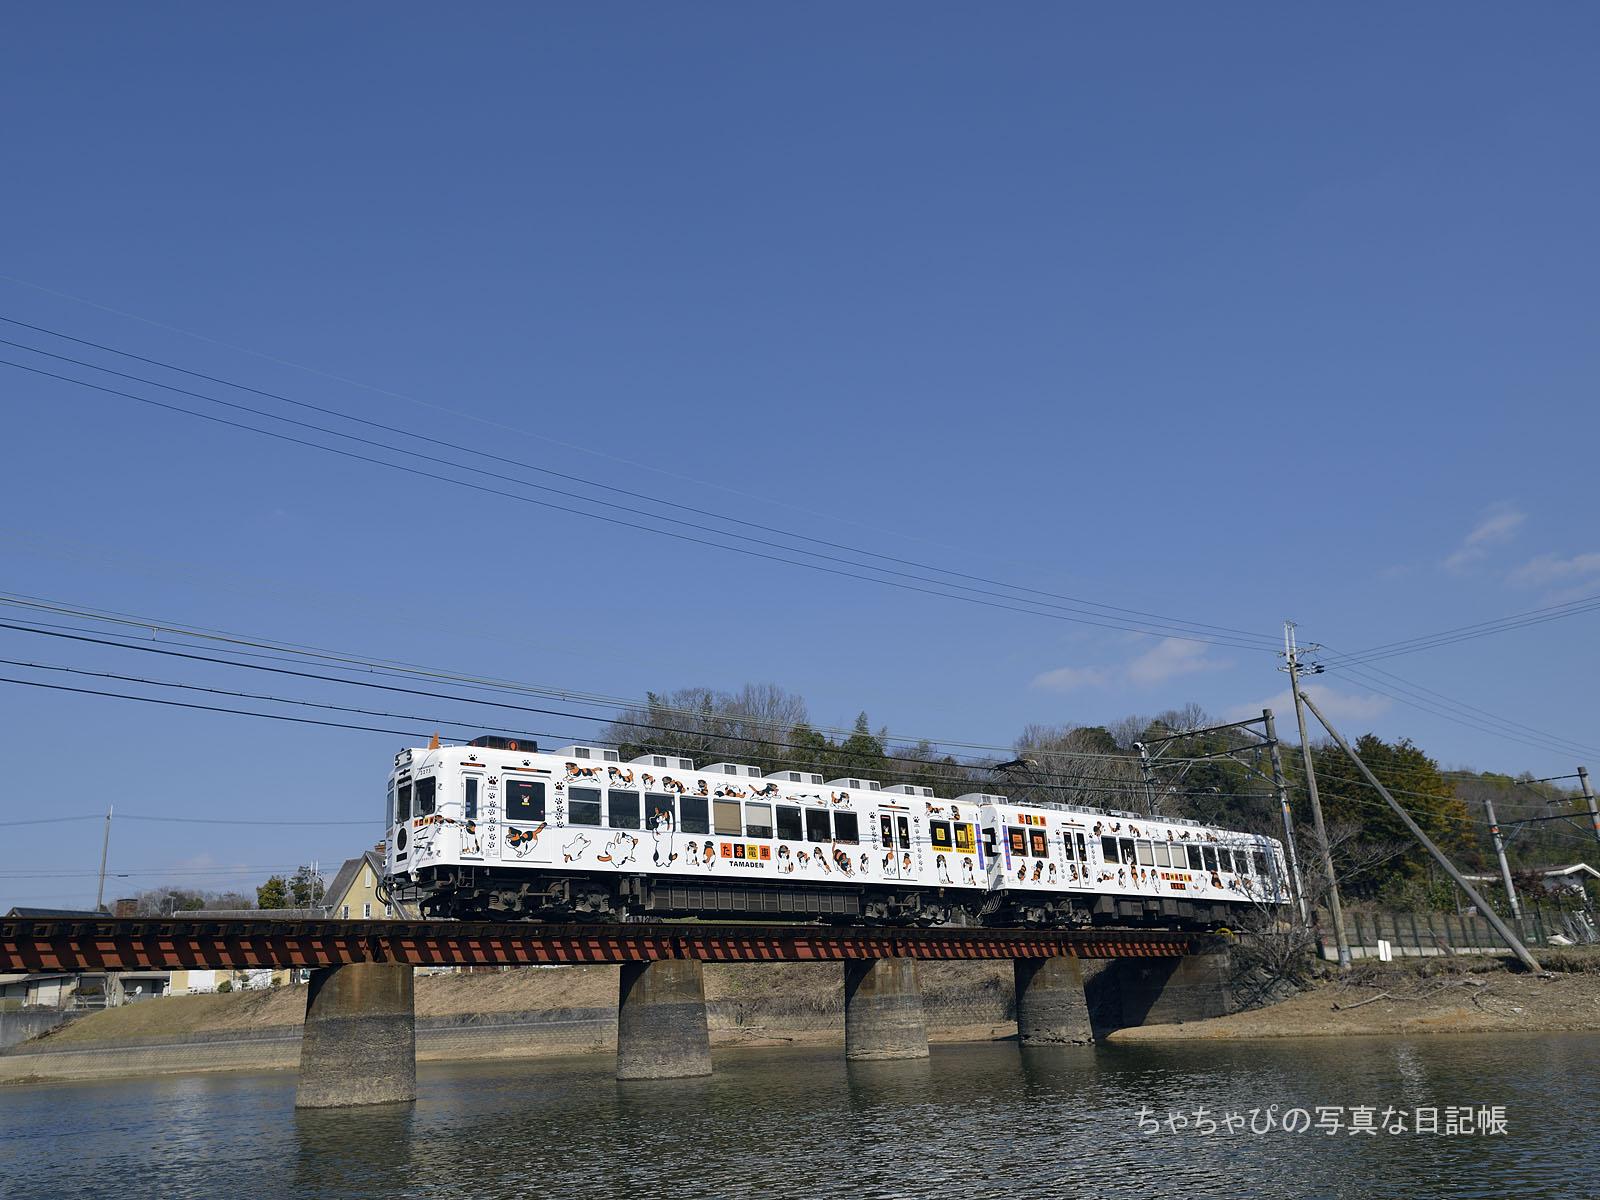 たま電車 TAMADEN